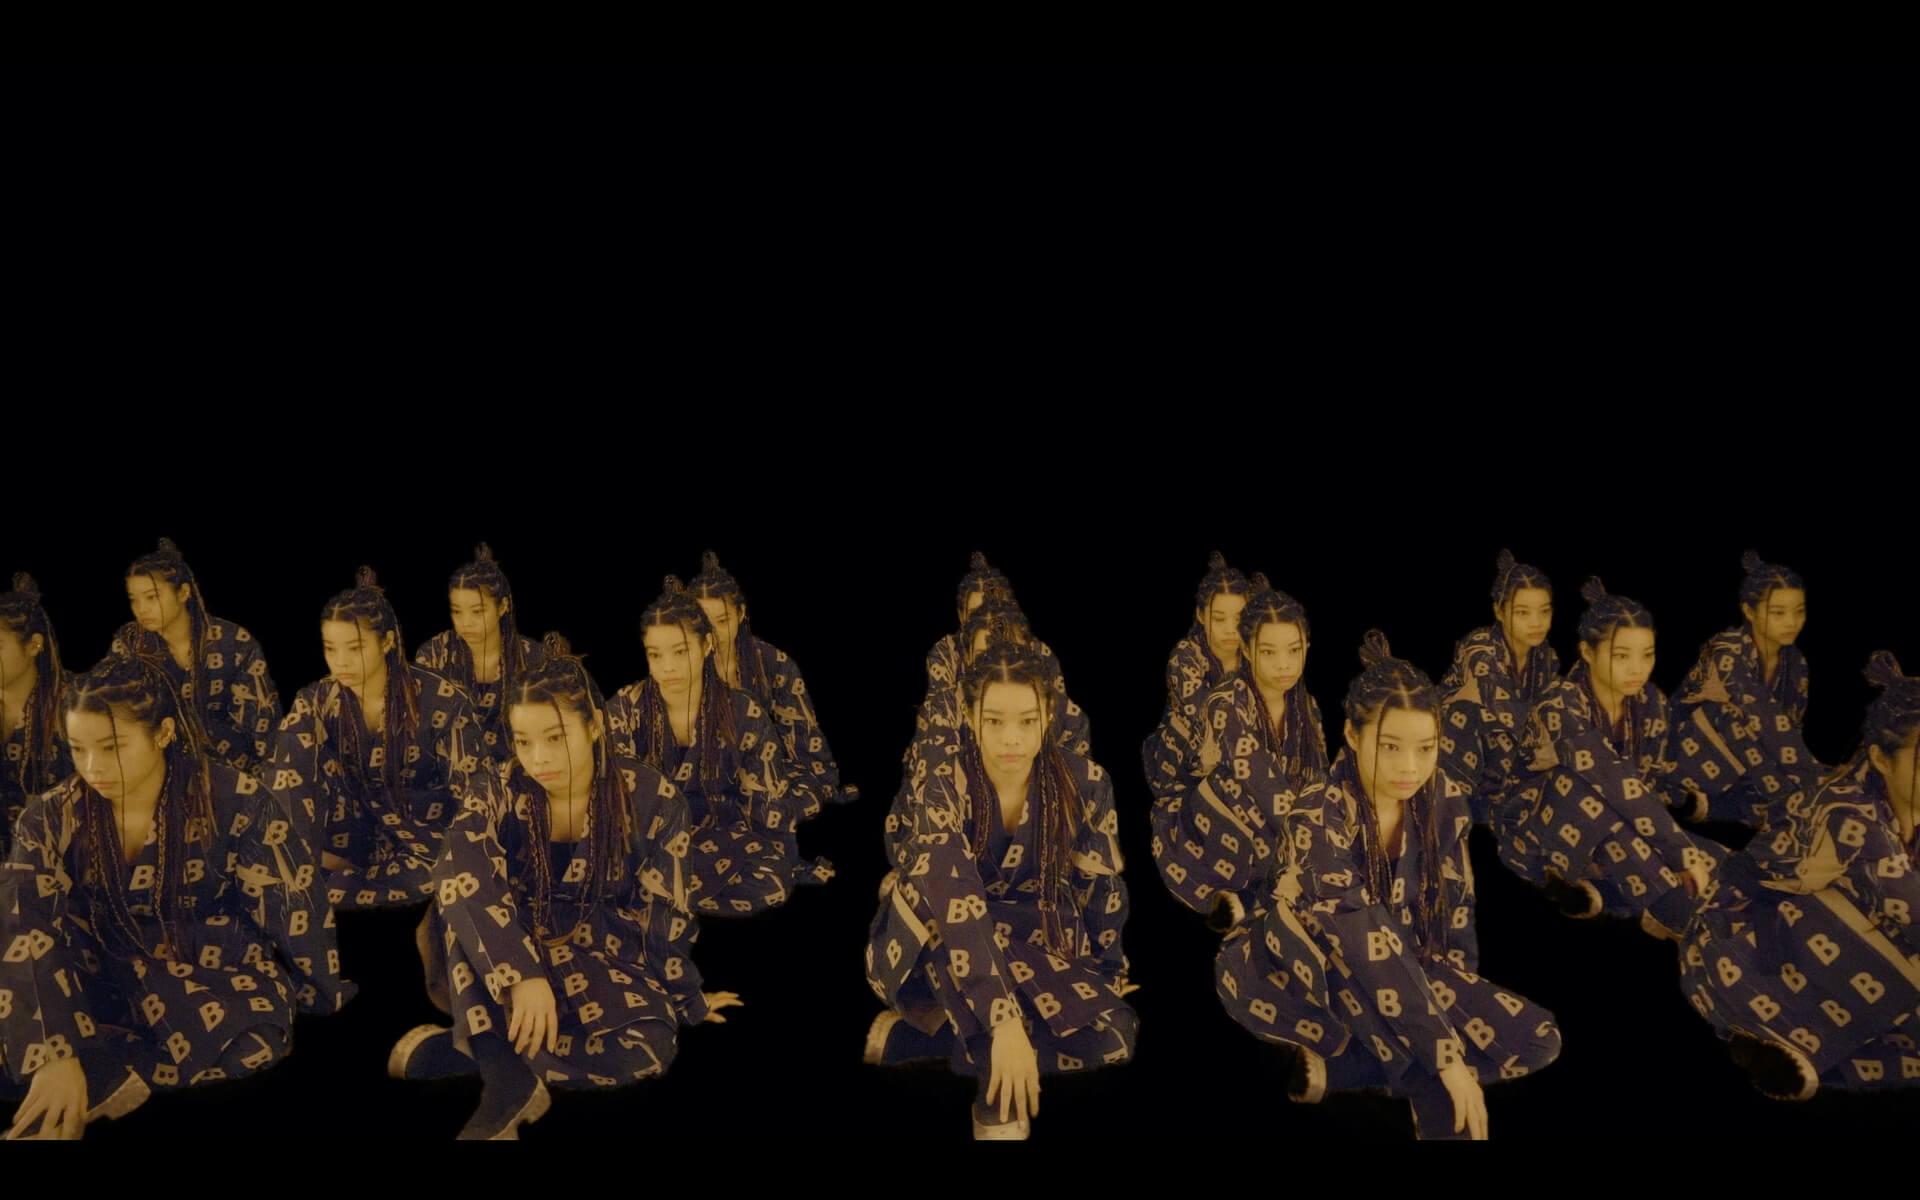 """xiangyuがひじの痛みを連呼する""""ひじのビリビリ""""デジタルリリース&xiangyuが増殖するMVも公開! music200124_hijinobiribiri_02"""